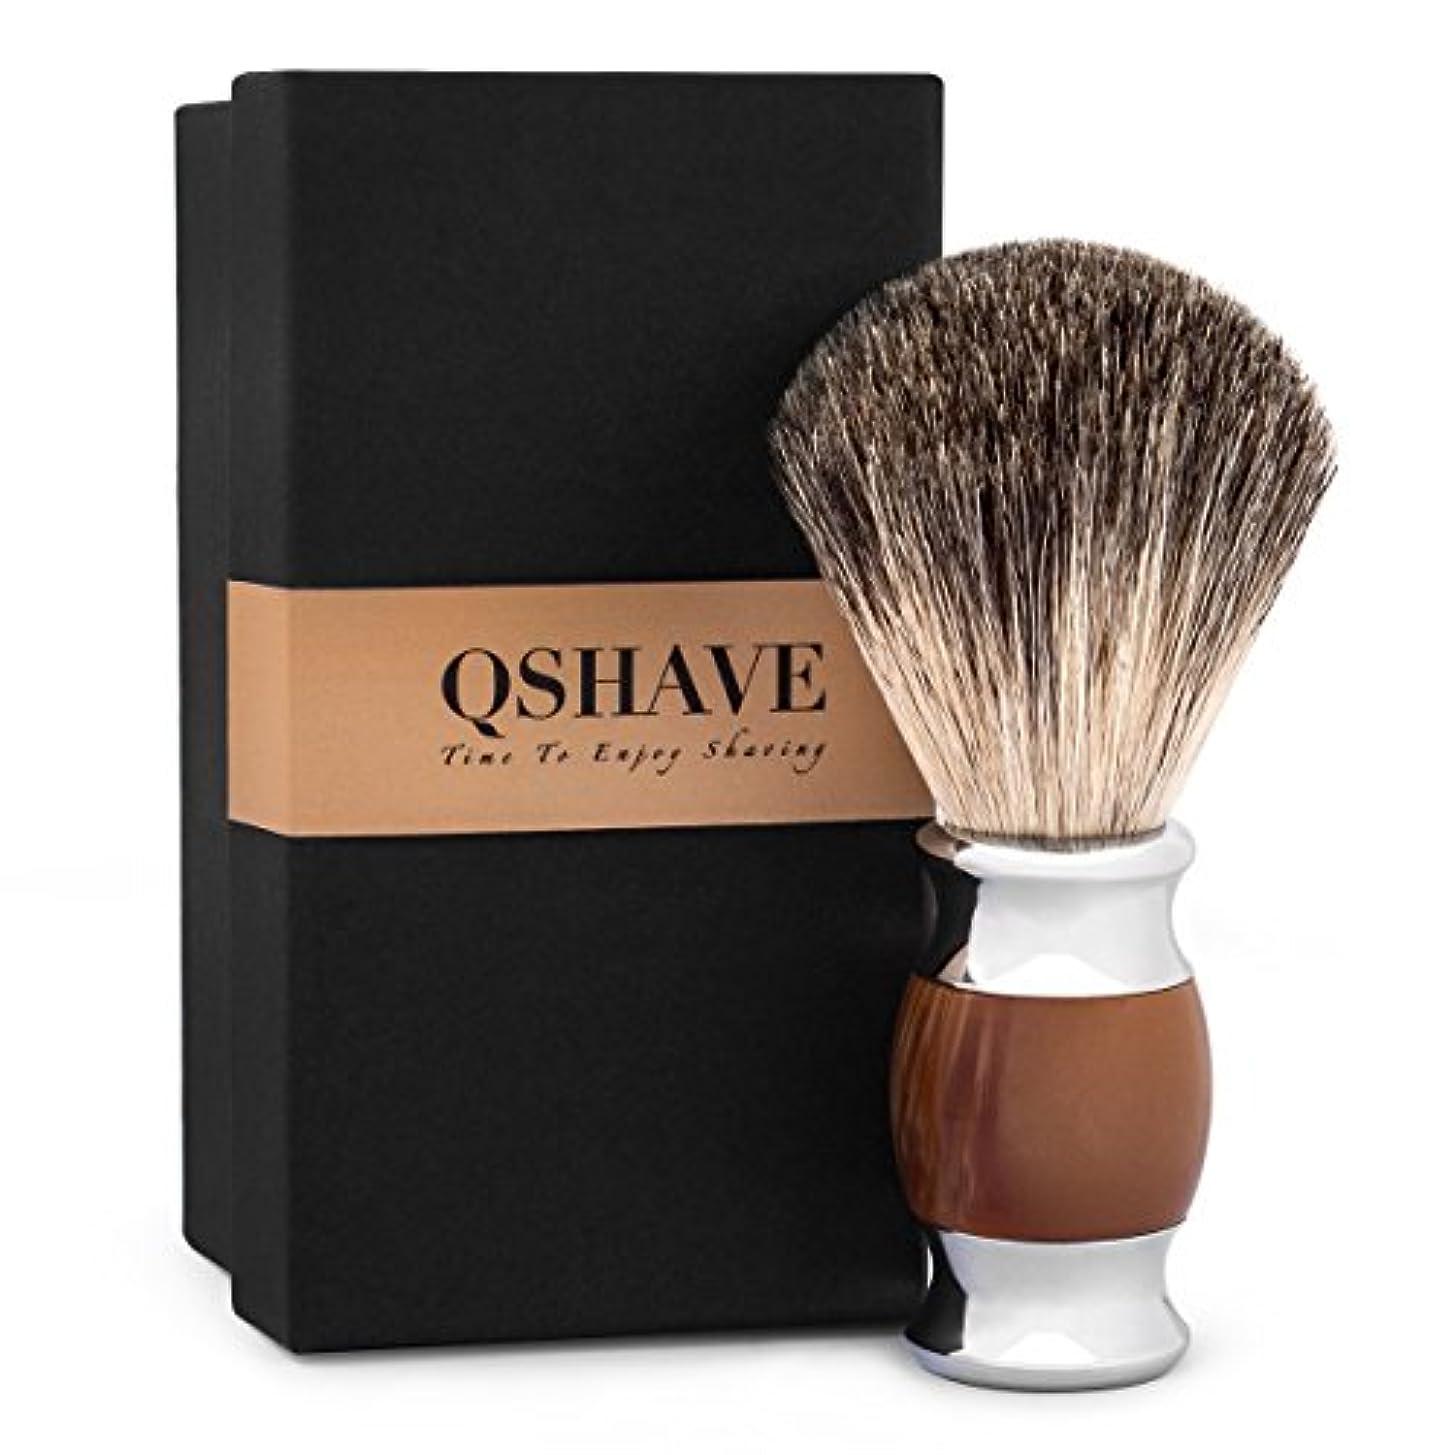 調整スポーツをする国旗QSHAVE 100%最高級アナグマ毛オリジナルハンドメイドシェービングブラシ。人工メノウ ハンドル。ウェットシェービング、安全カミソリ、両刃カミソリに最適